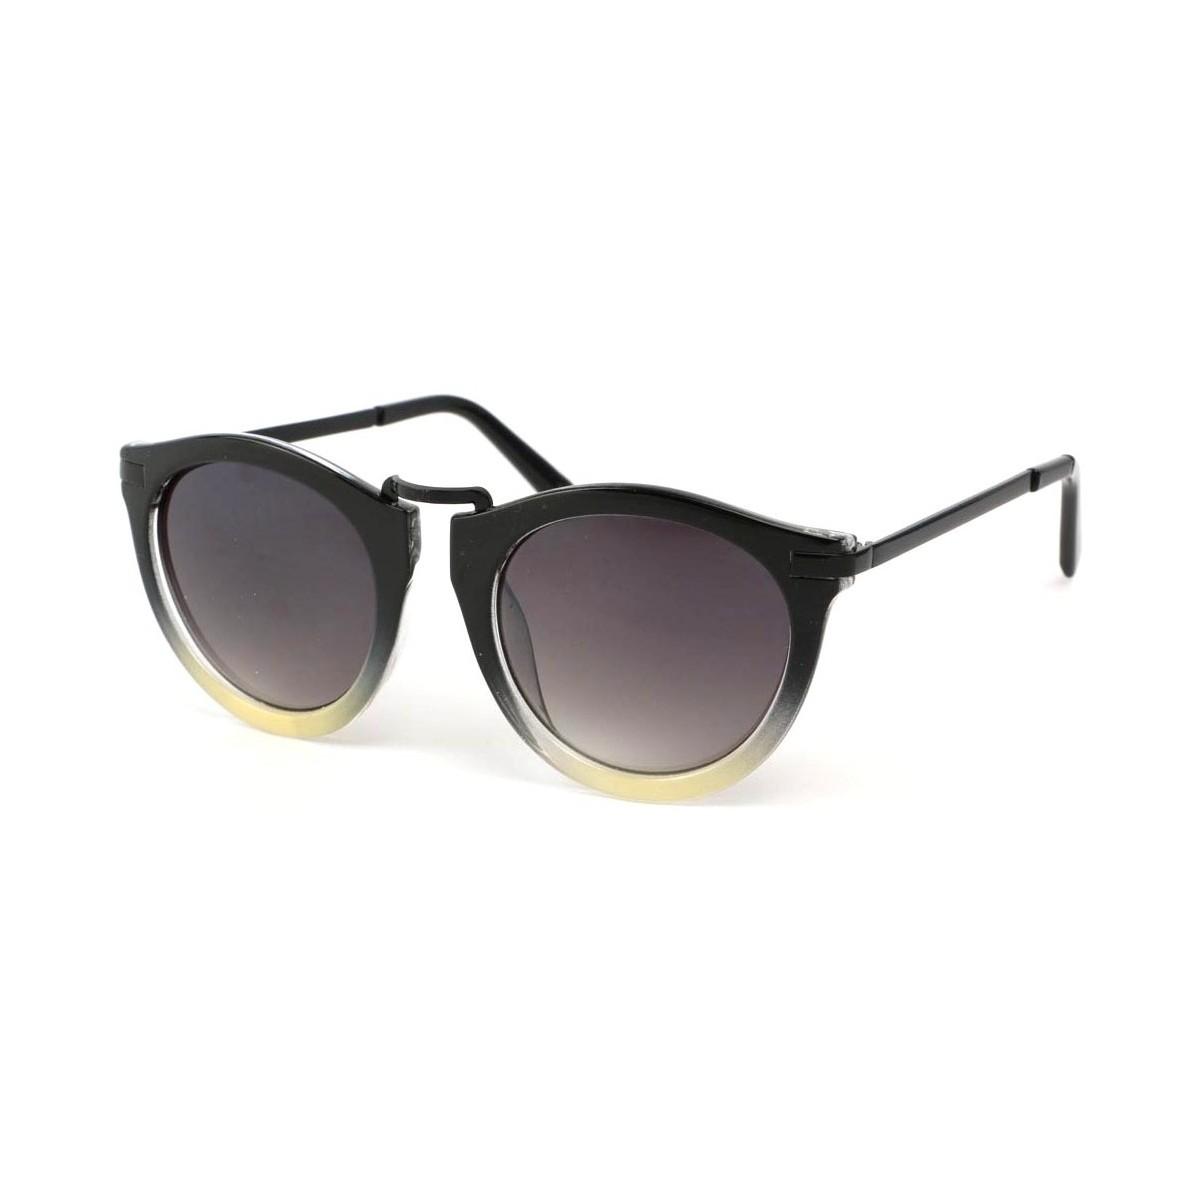 Eye Wear Lunette Soleil Rosita avec monture Noire et Grise Noir